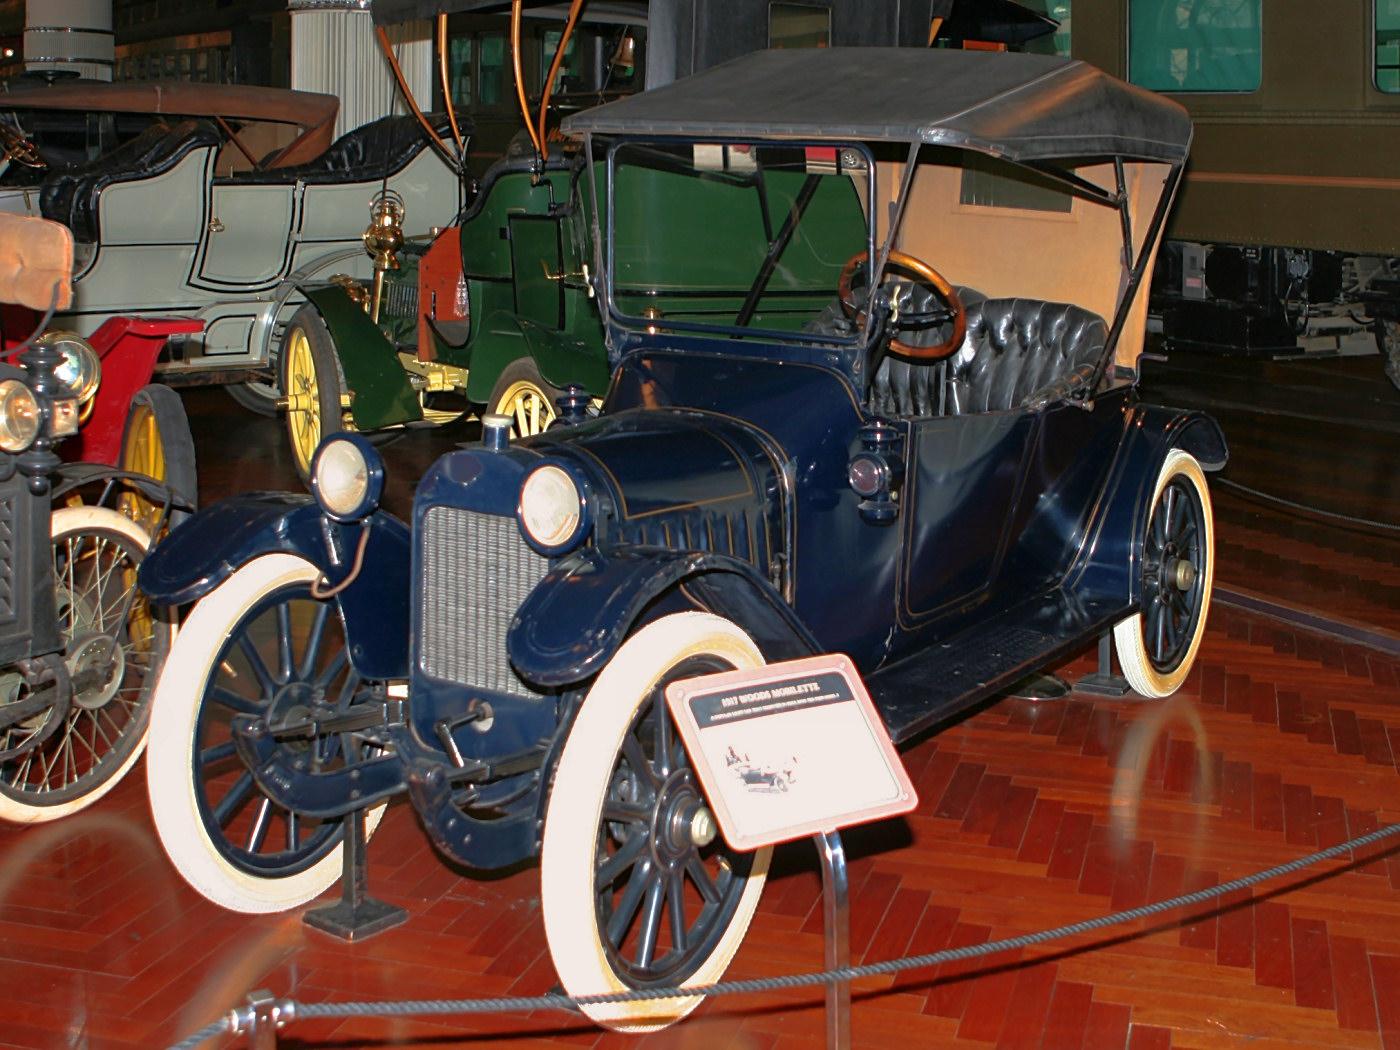 1917 Woods Model 5A Moibilette 2 Passenger Fvl H Ford Museum CL